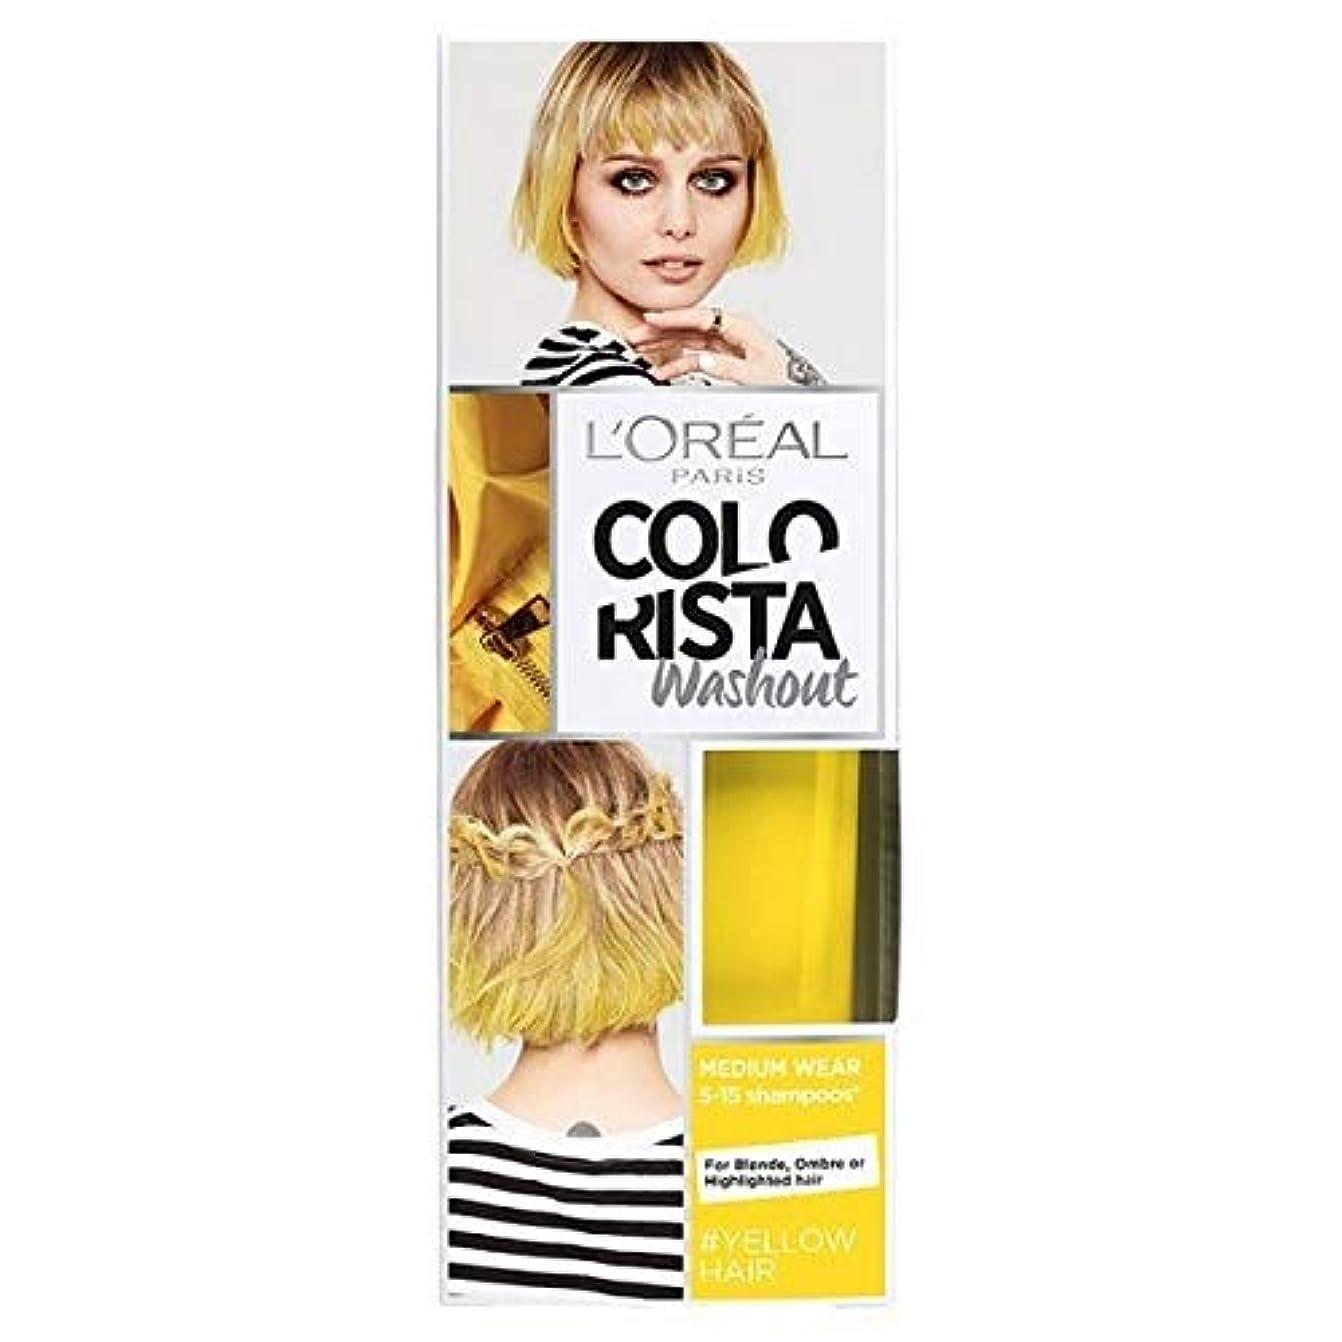 交通出口目立つ[Colorista] Colorista洗い出し黄色のネオン半永久染毛剤 - Colorista Washout Yellow Neon Semi-Permanent Hair Dye [並行輸入品]